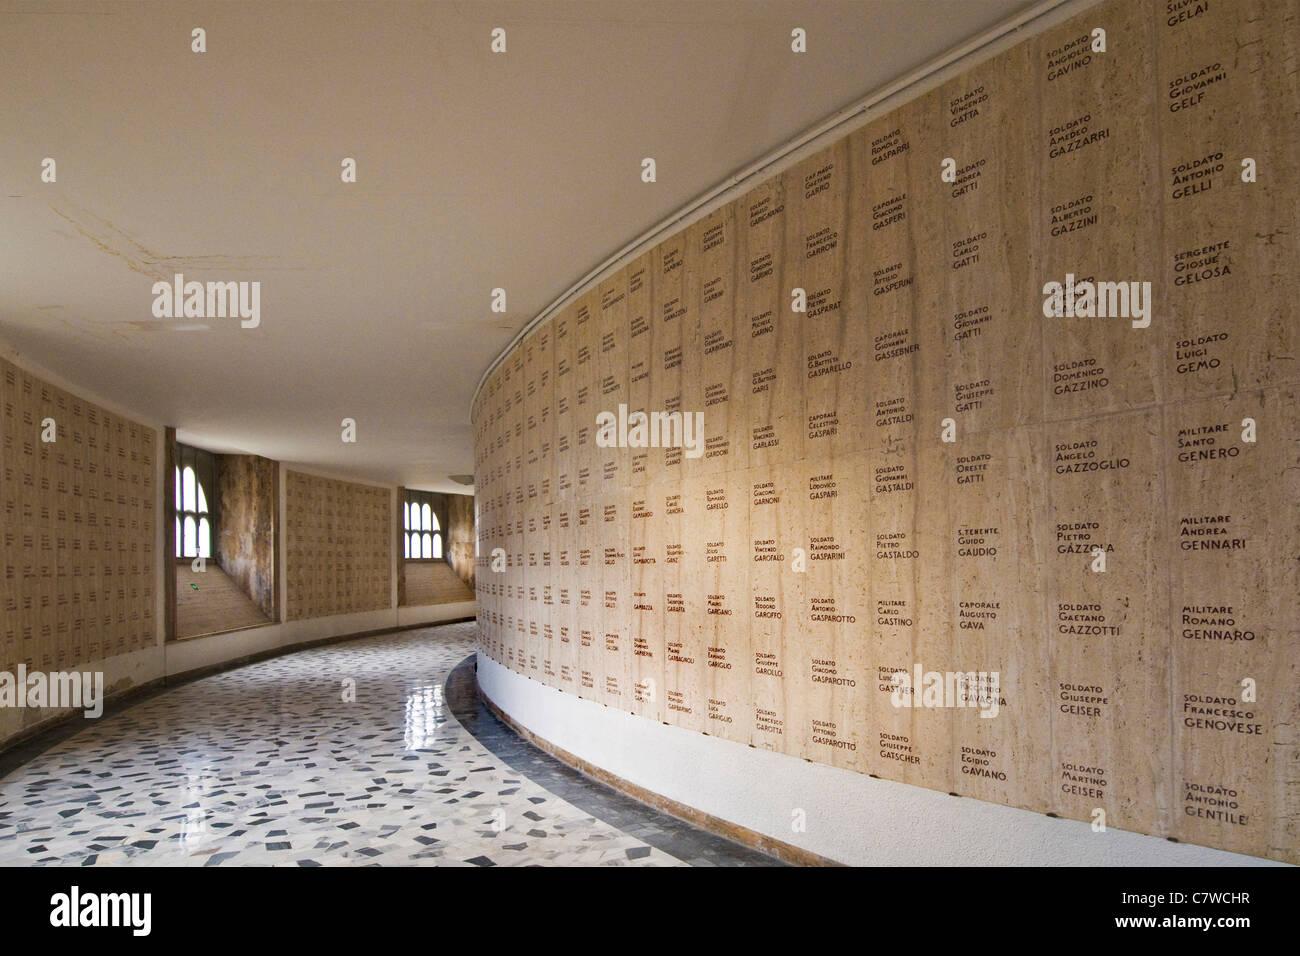 Italy, Trentino Alto Adige, Rovereto, interiors of the military shrine - Stock Image